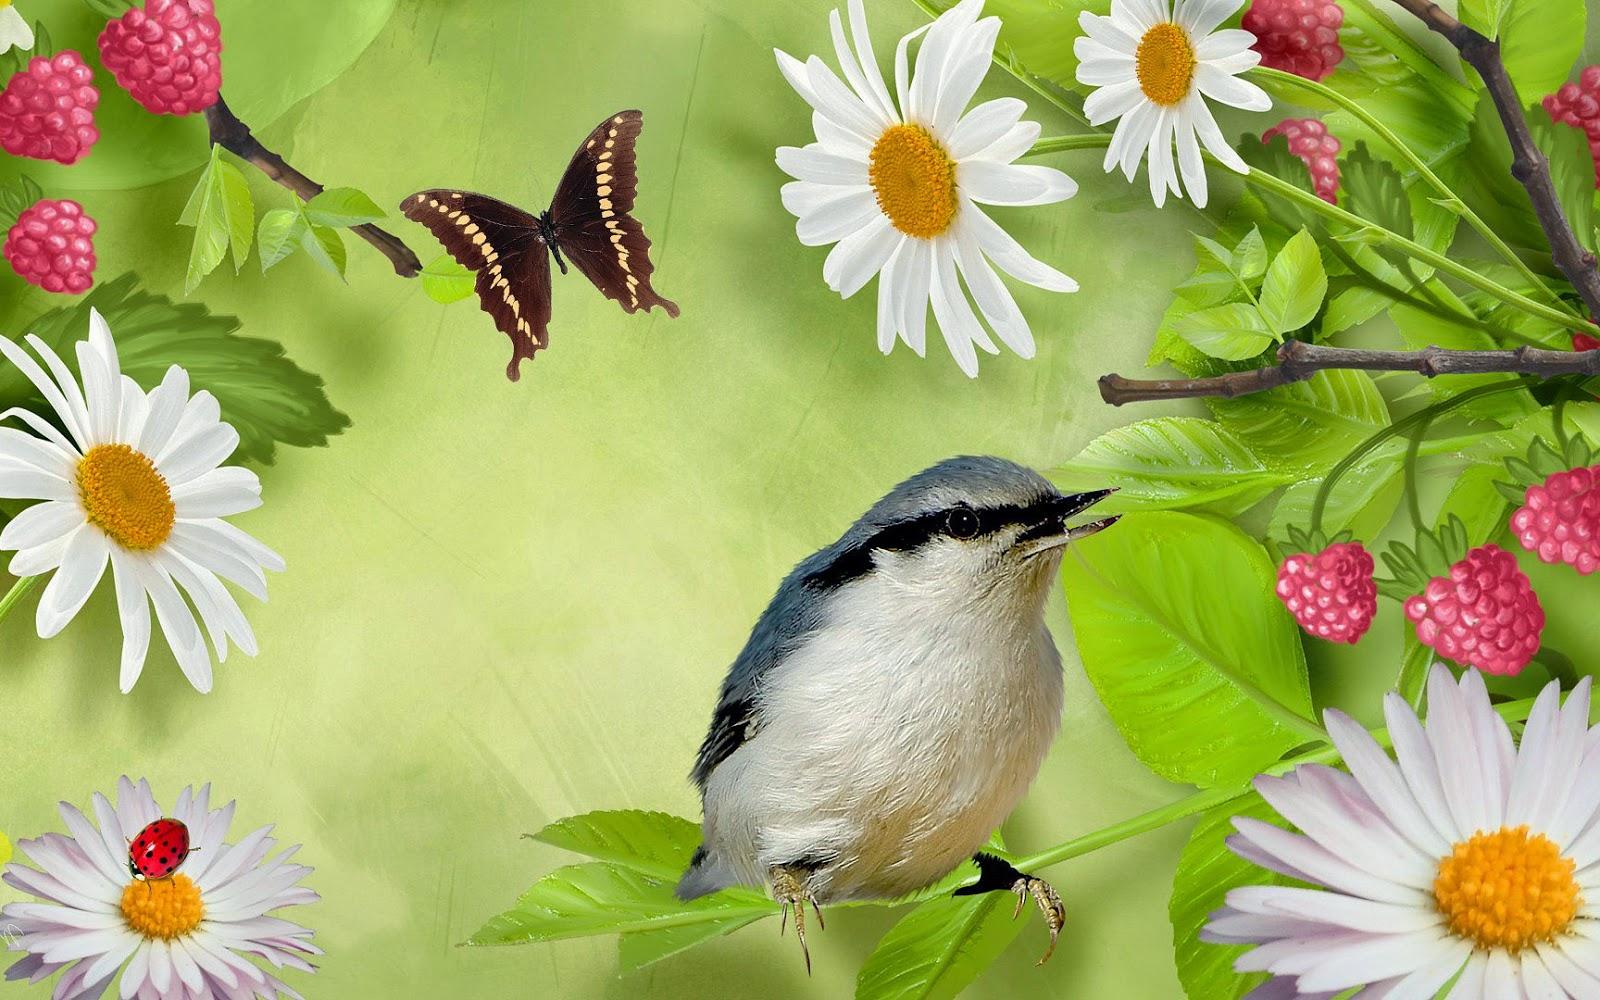 hd vogel wallpaper met - photo #31